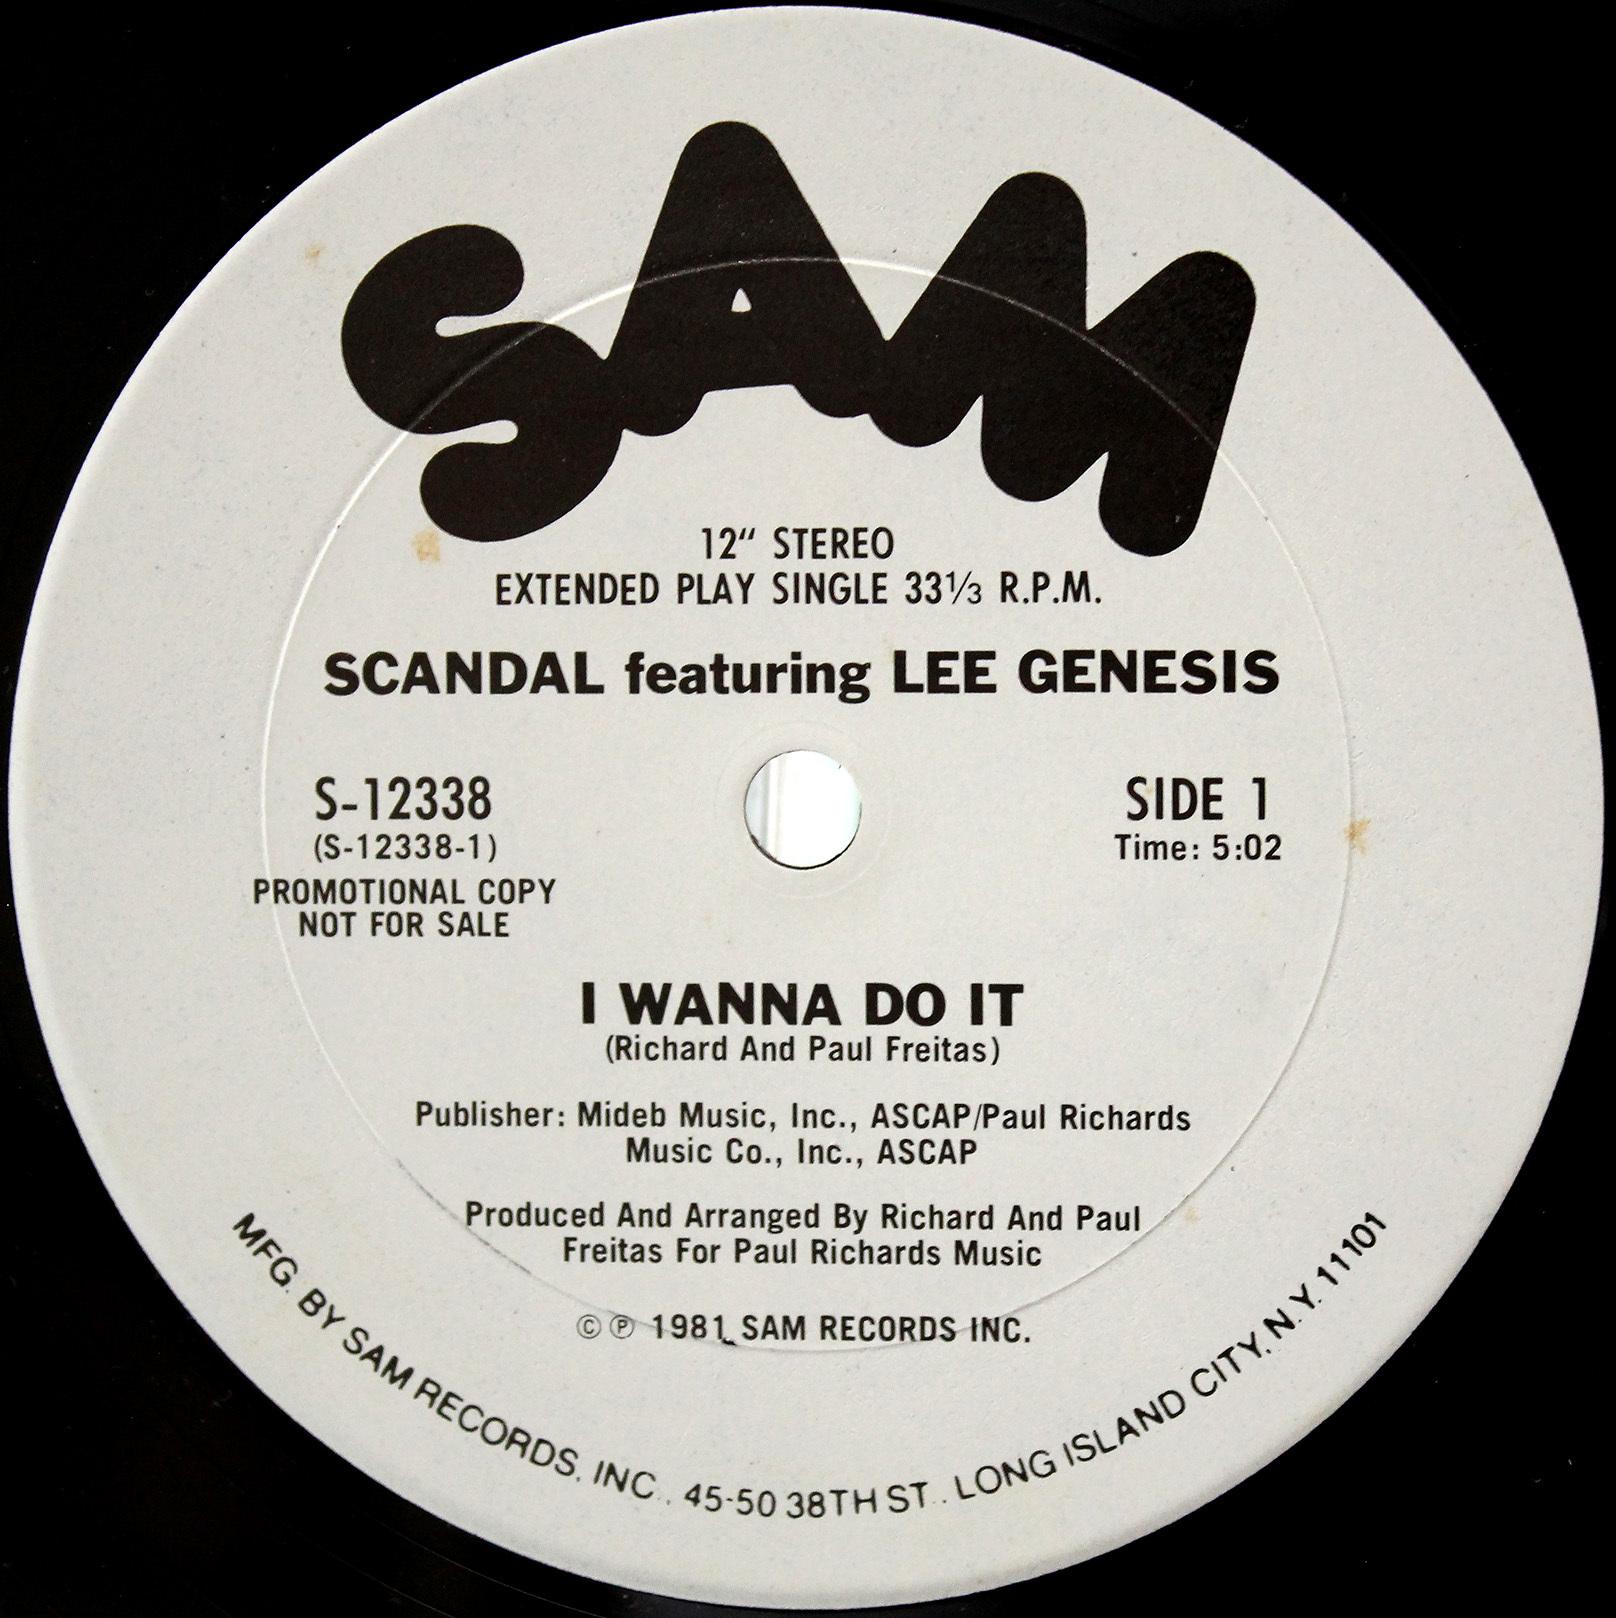 Scandal Featuring Lee Genesis 03